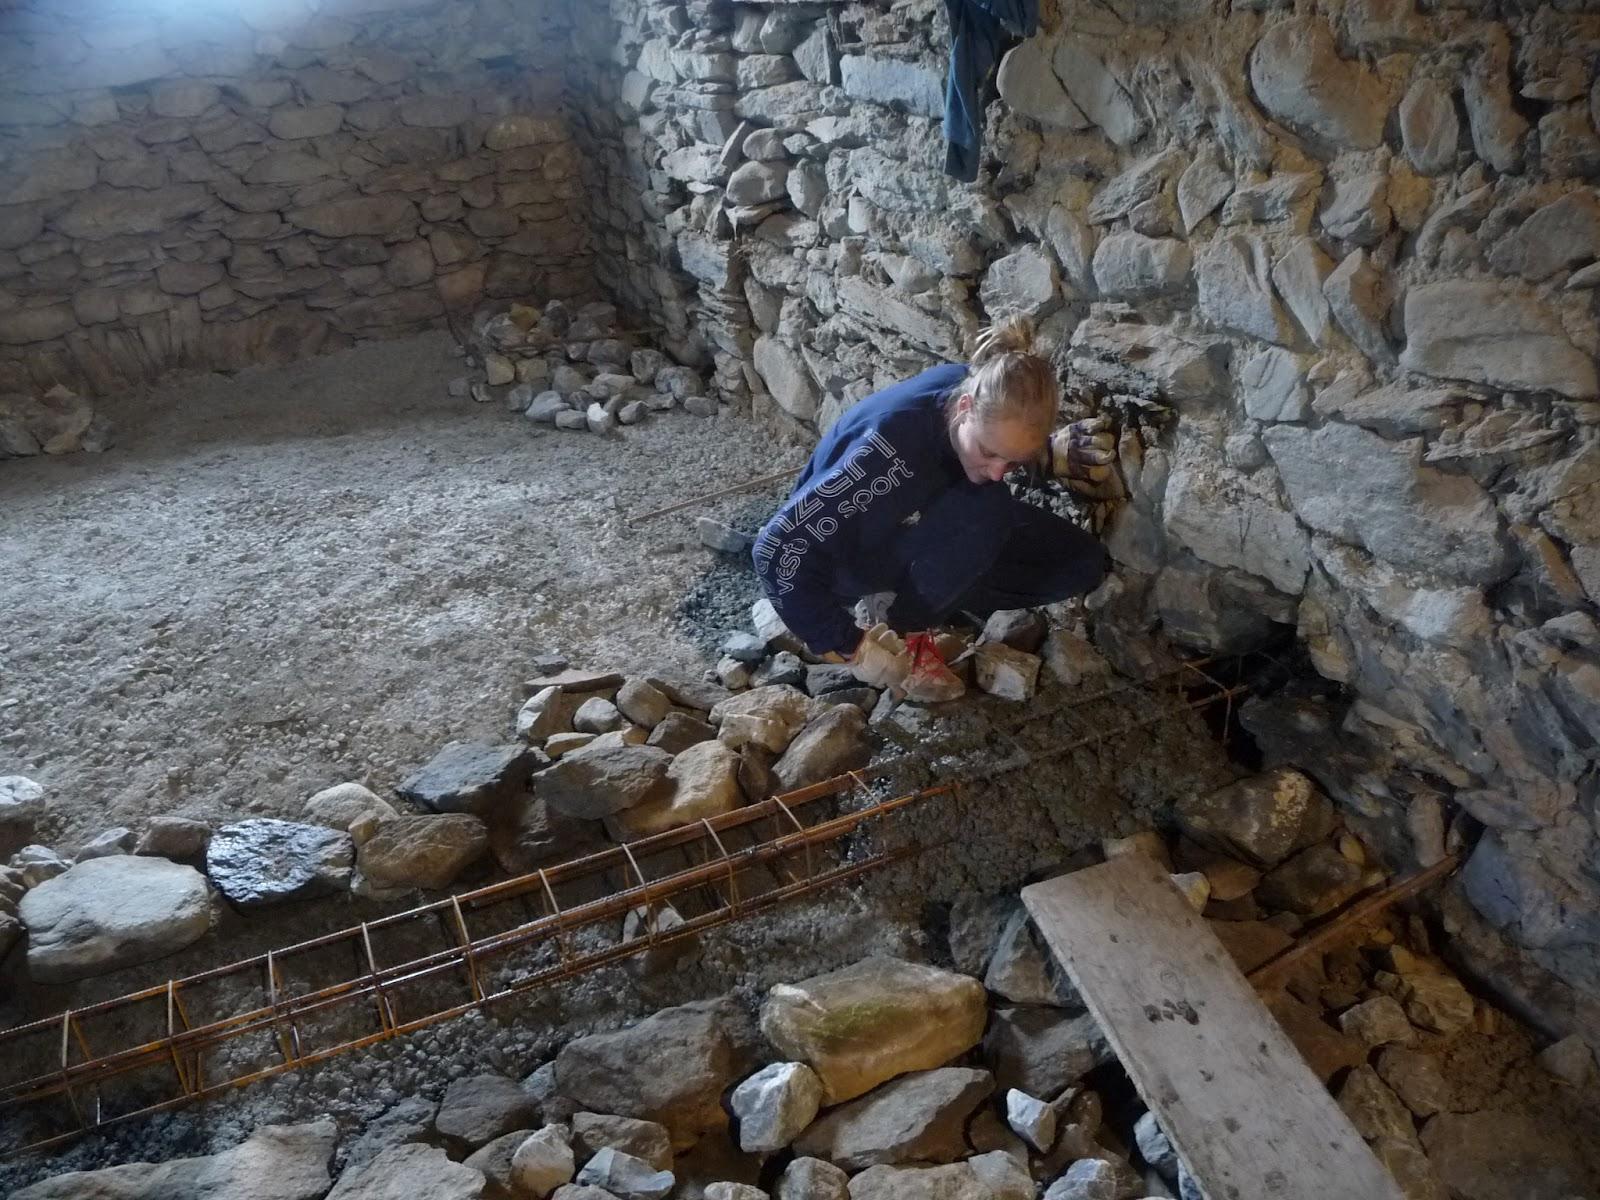 R novation au thyl dessous dalle grange tape 2 - Temps de sechage dalle beton pour marcher dessus ...